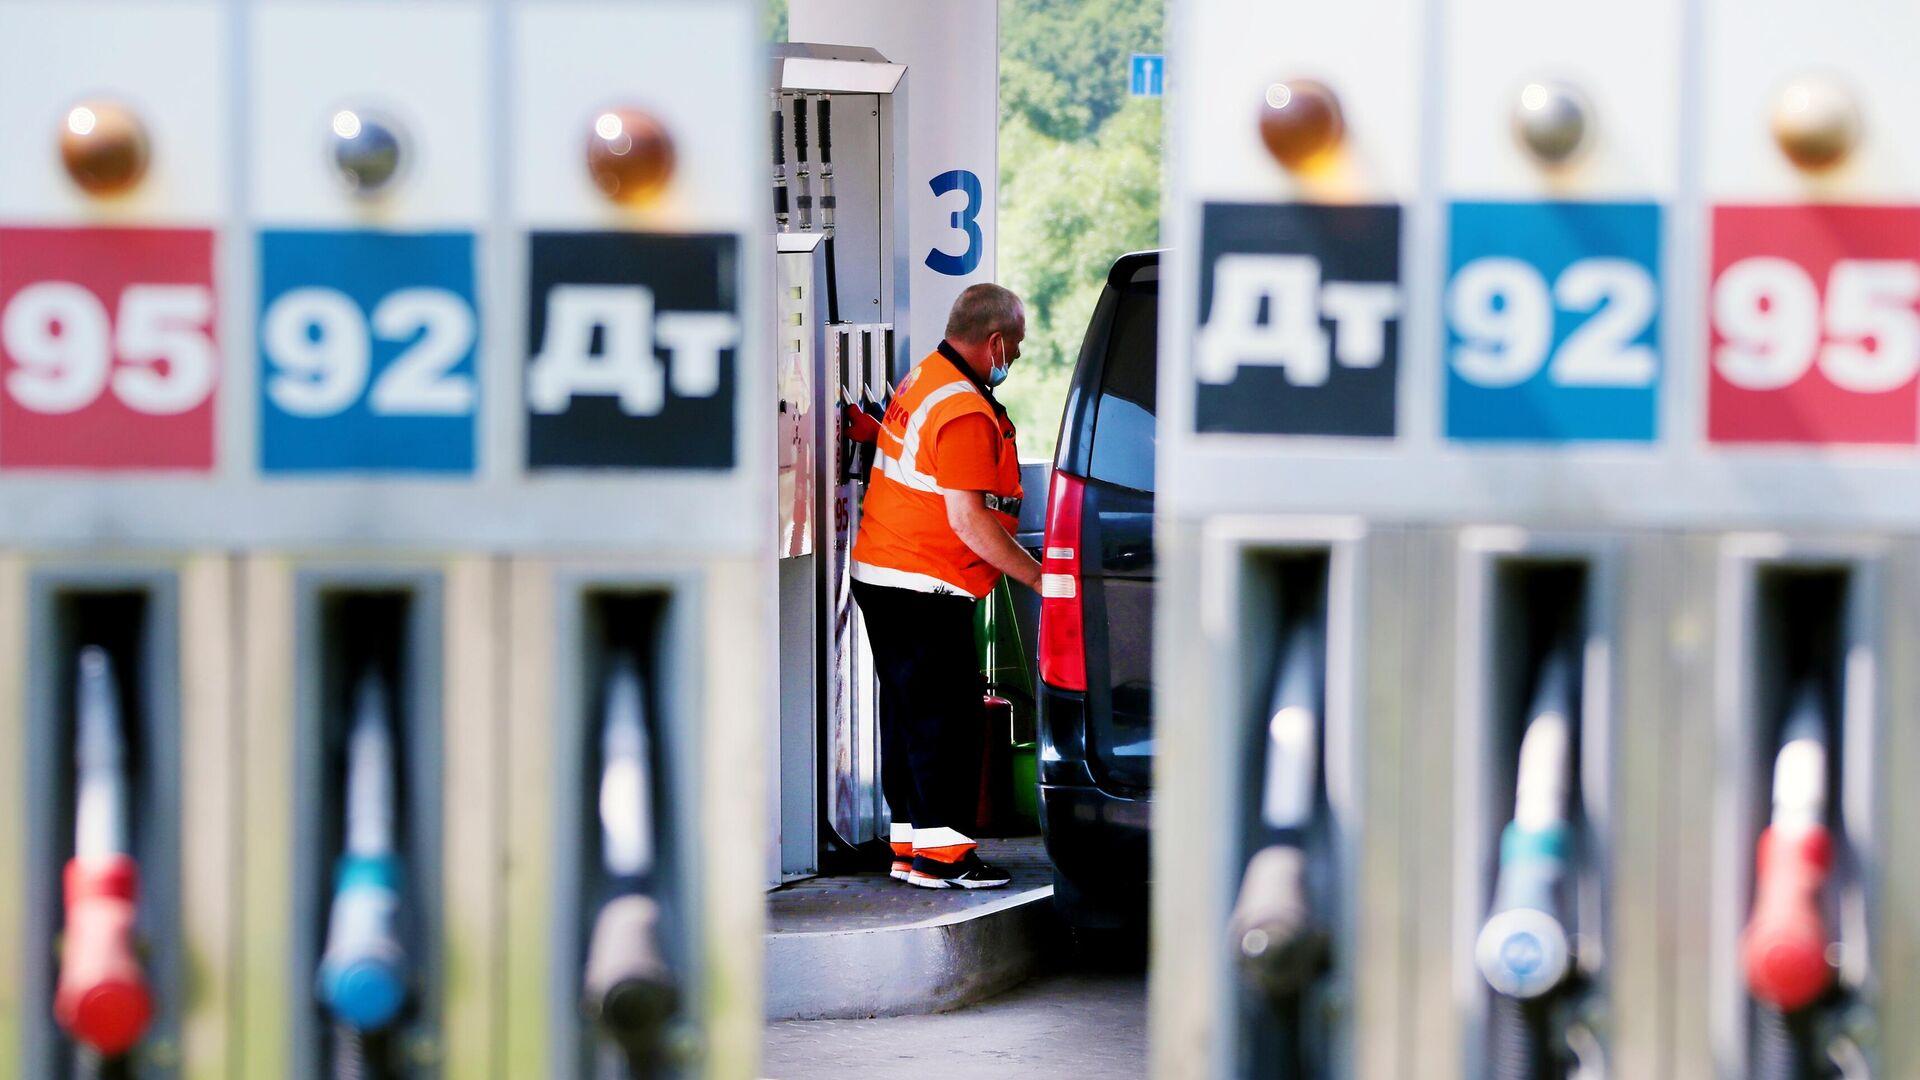 Сотрудник заправляет автомобиль на одной из автозаправочных станций Газпромнефть в Москве - РИА Новости, 1920, 11.01.2021